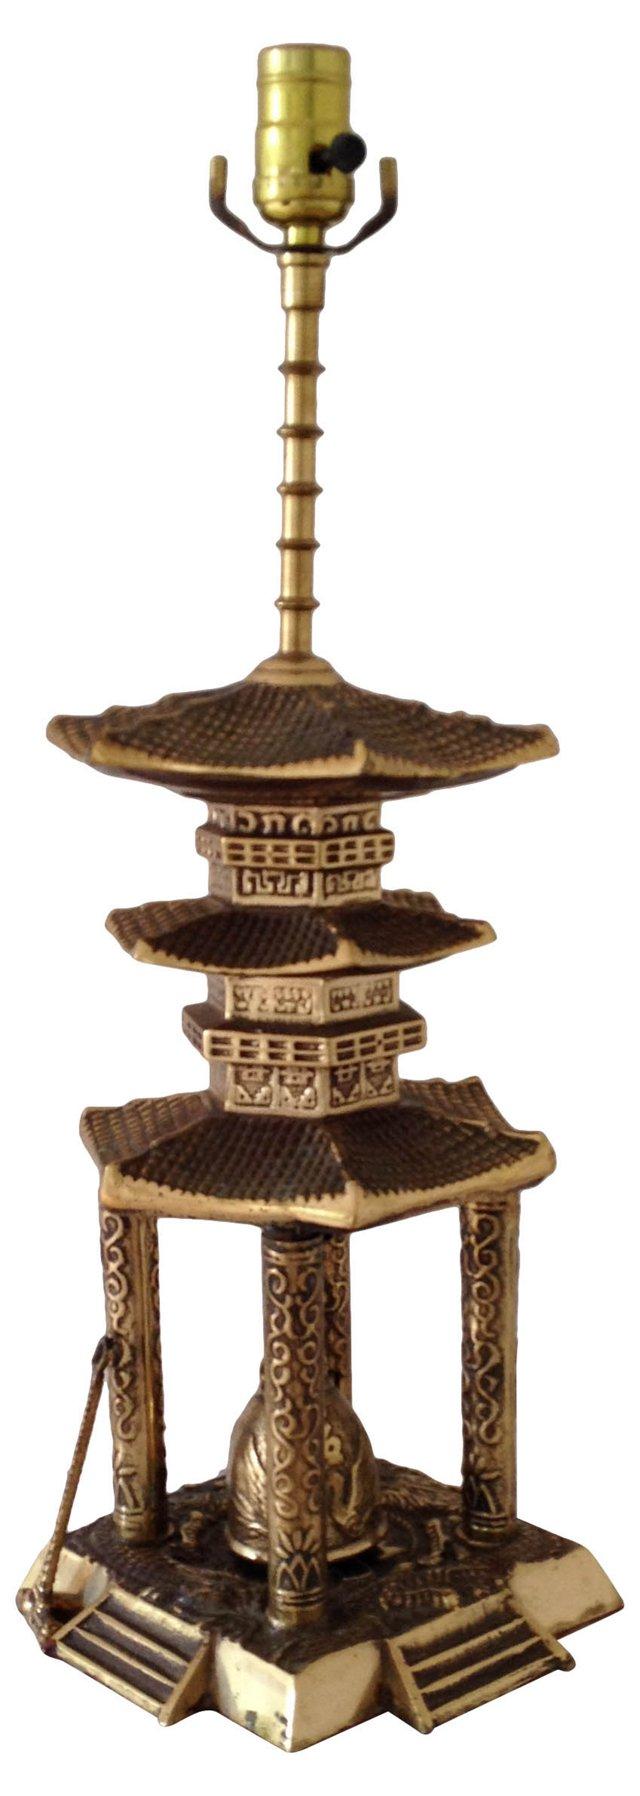 1950s Brass Pagoda Lamp